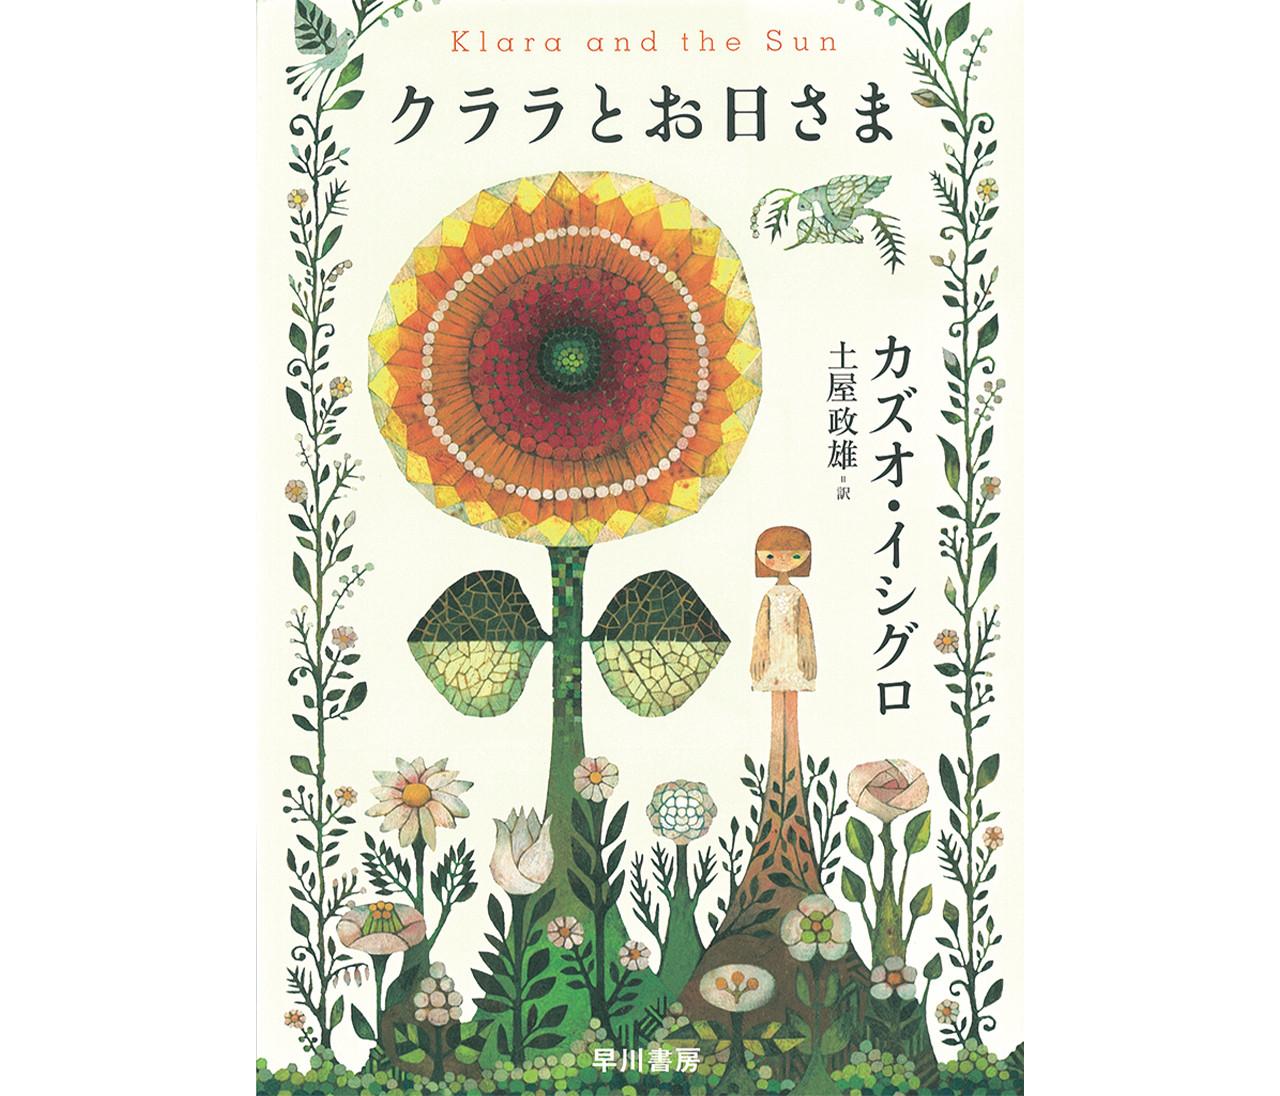 ノーベル賞作家カズオ・イシグロさん受賞後初の長編小説『クララとお日さま』 【30代におすすめの本】